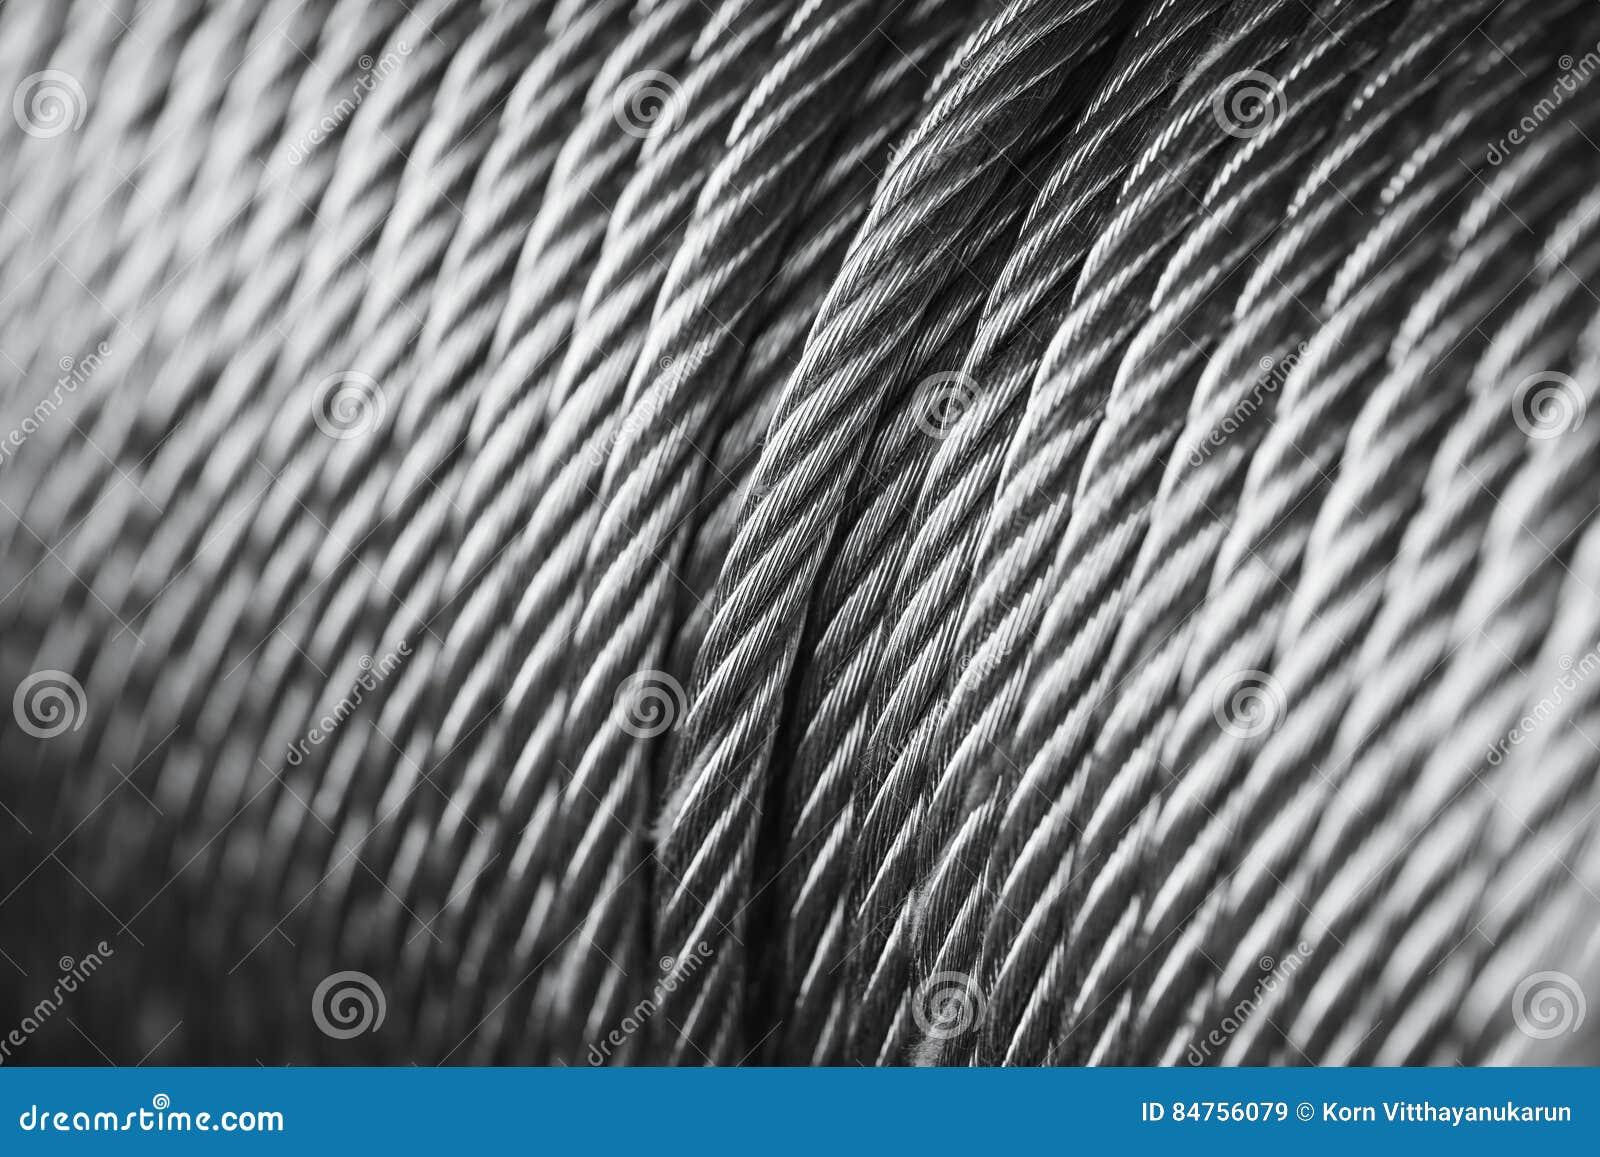 Limpie el alambre de acero o la cuerda de acero, tambor del nuevo cable de acero de la honda de la cuerda